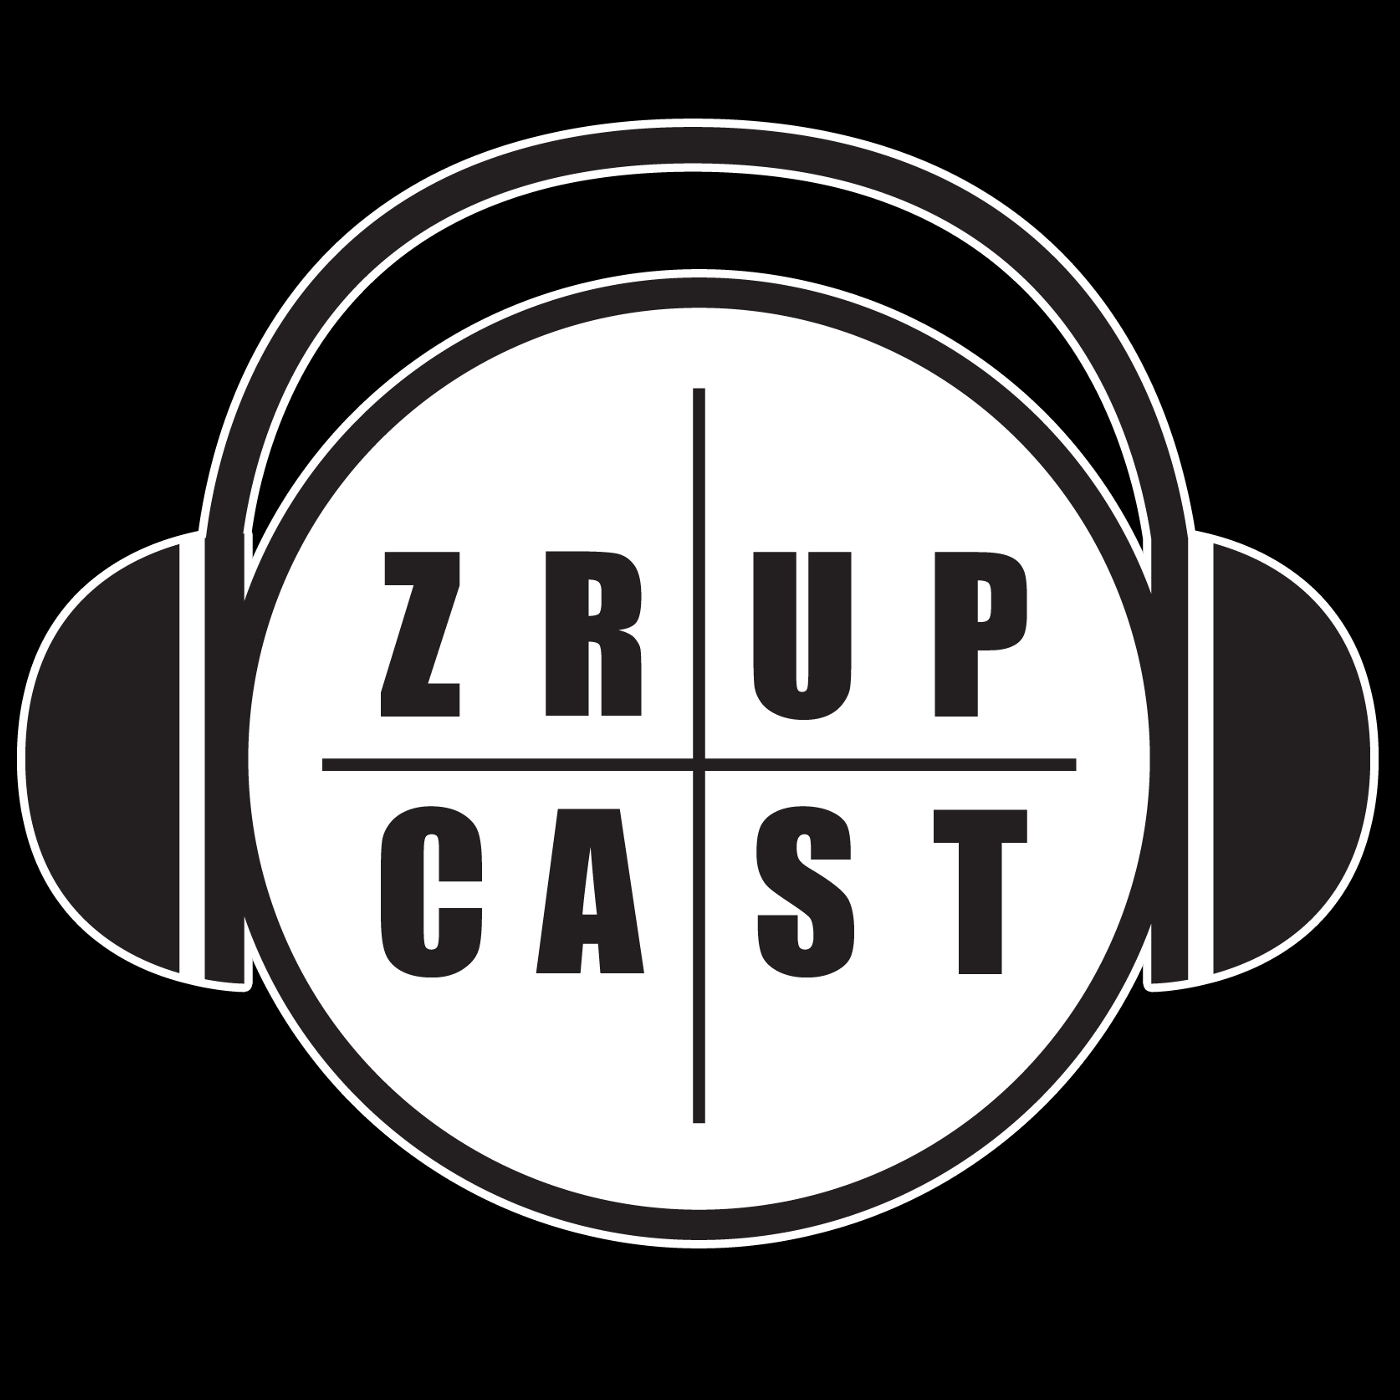 Życie na własnych warunkach | Maciej Małek | ZRUPcast #25